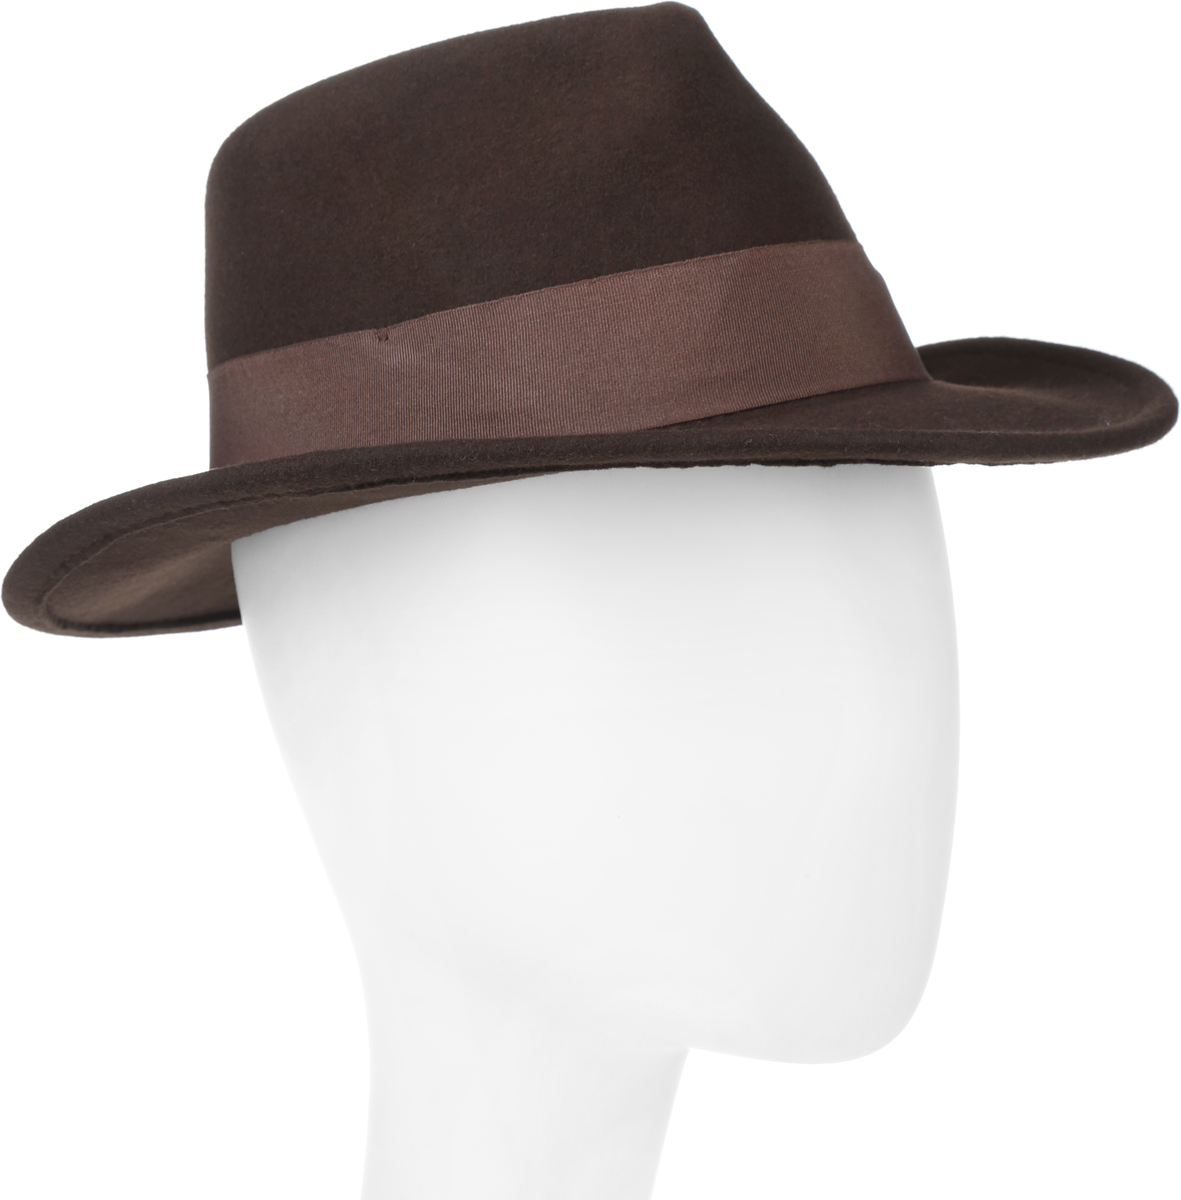 Шляпа Goorin Brothers Glory, цвет: темно-коричневый. 600-0001. Размер S/M (55/57)600-0001Элегантная шляпа The Francis Fratelli от Goorin Brothers из коллекции Glory, выполненная из фетра, дополнит любой образ. Модель с узкими полями, невысокой вертикальной тульей с продольными заломами и прямым полями. Внутри модель дополнена плотной тесьмой для комфортной посадки изделия по голове. Шляпа-федора по тулье оформлена широкой текстильной лентой с перемычкой дополненной металлическим элементом в виде логотипа бренда.Такая шляпа подчеркнет вашу неповторимость и прекрасный вкус.